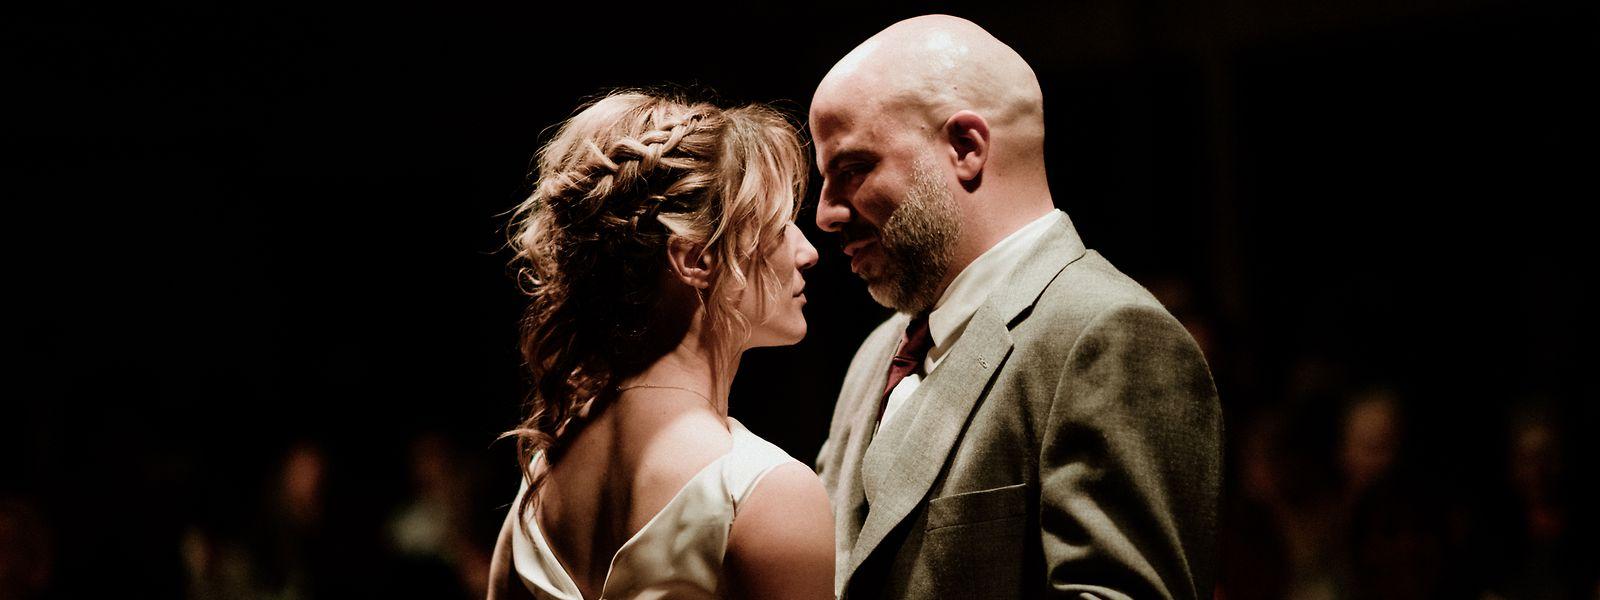 Sylvia Camarda und Yann Tonnar tanzen seit Kurzem gemeinsam durchs Leben. Dahinter steckt eine romantische, ungewöhnliche Geschichte.